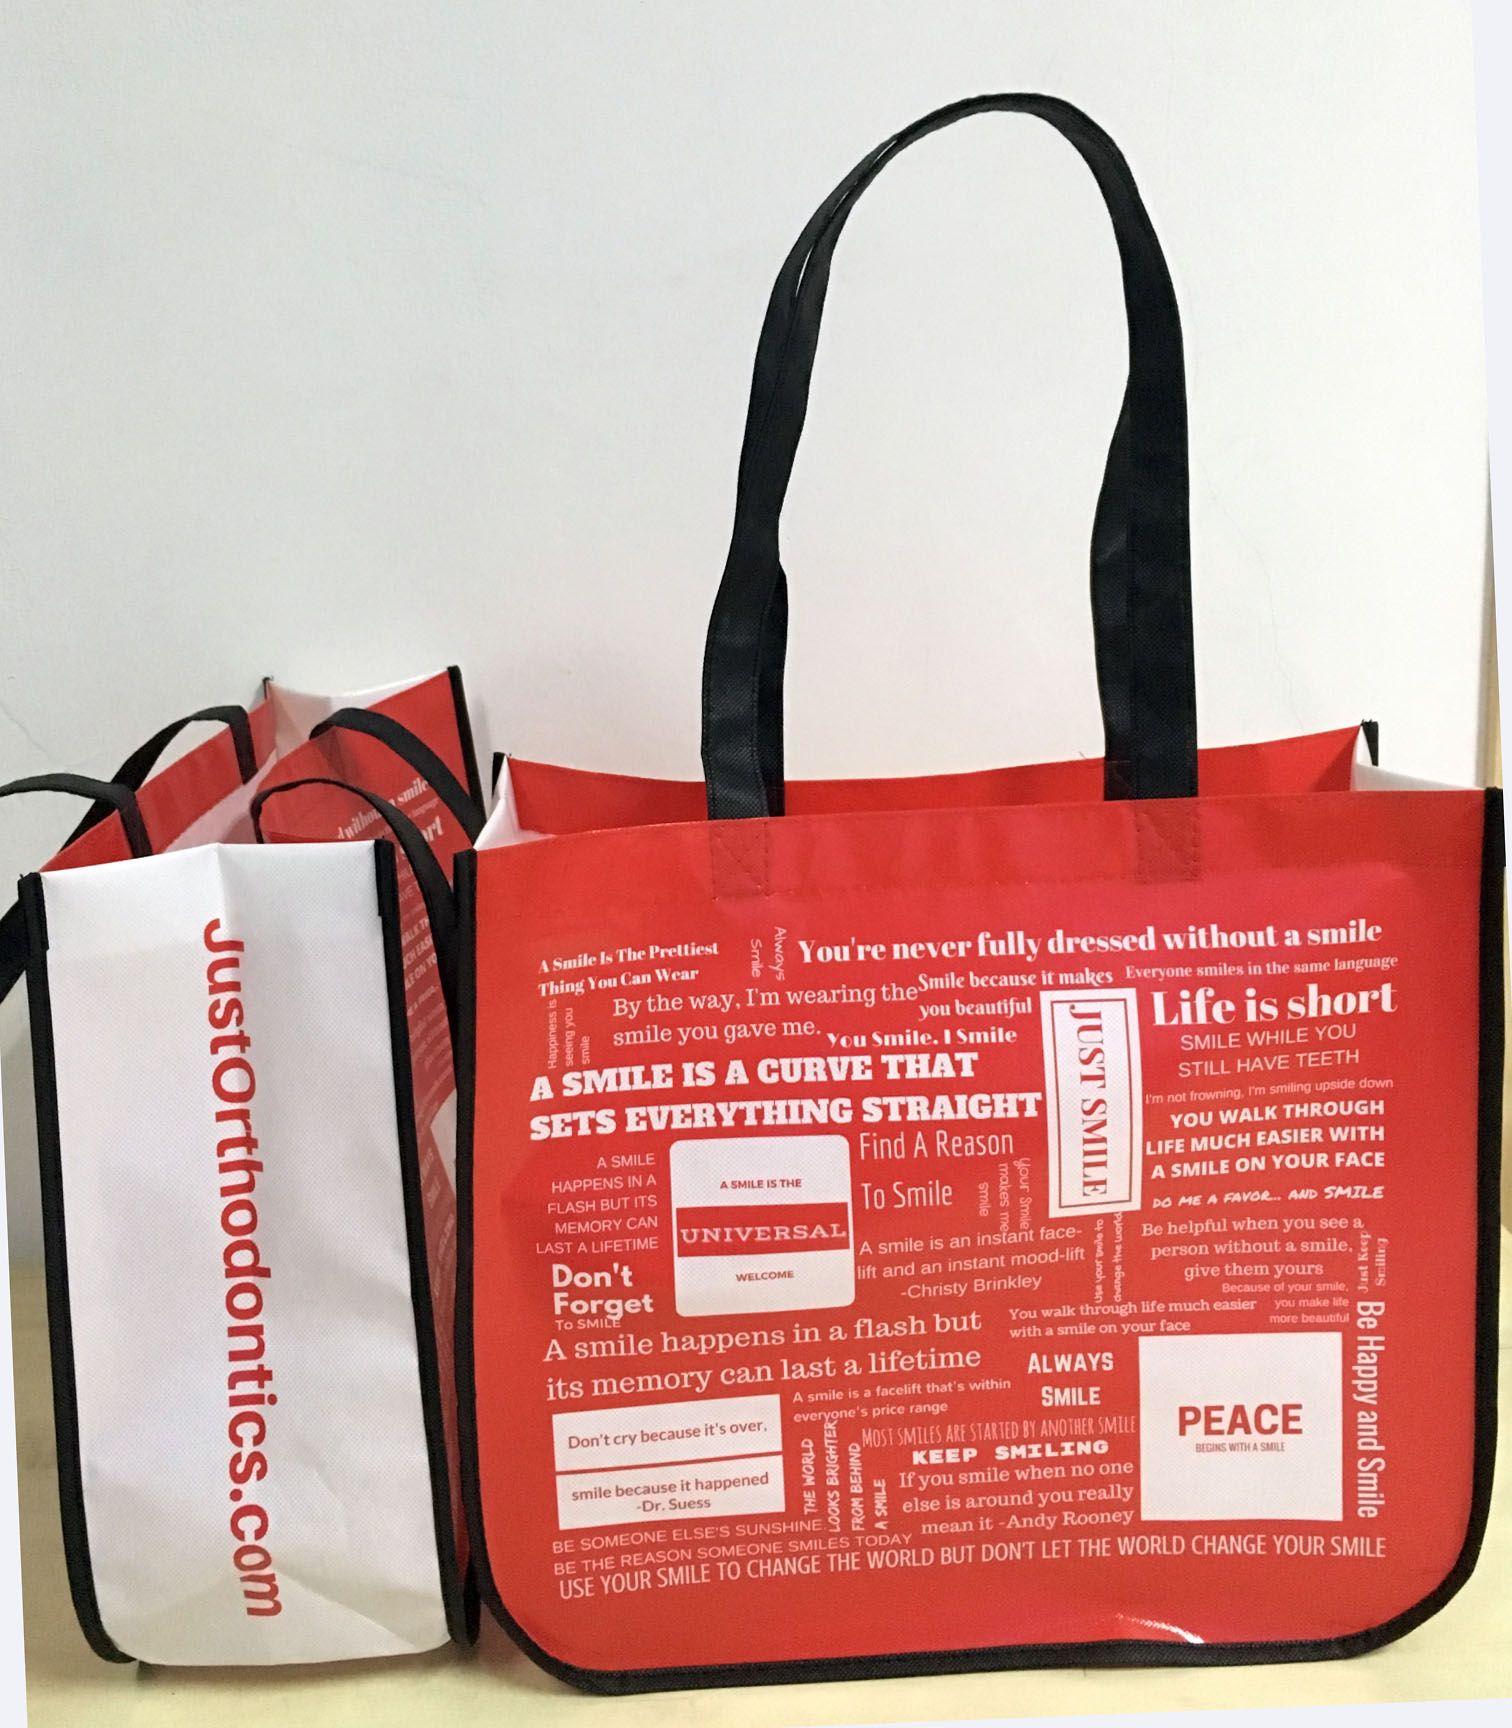 Custom Lululemon Bags Manifesto Designs Or Artwork Lululemon Bags Custom Bags Bags